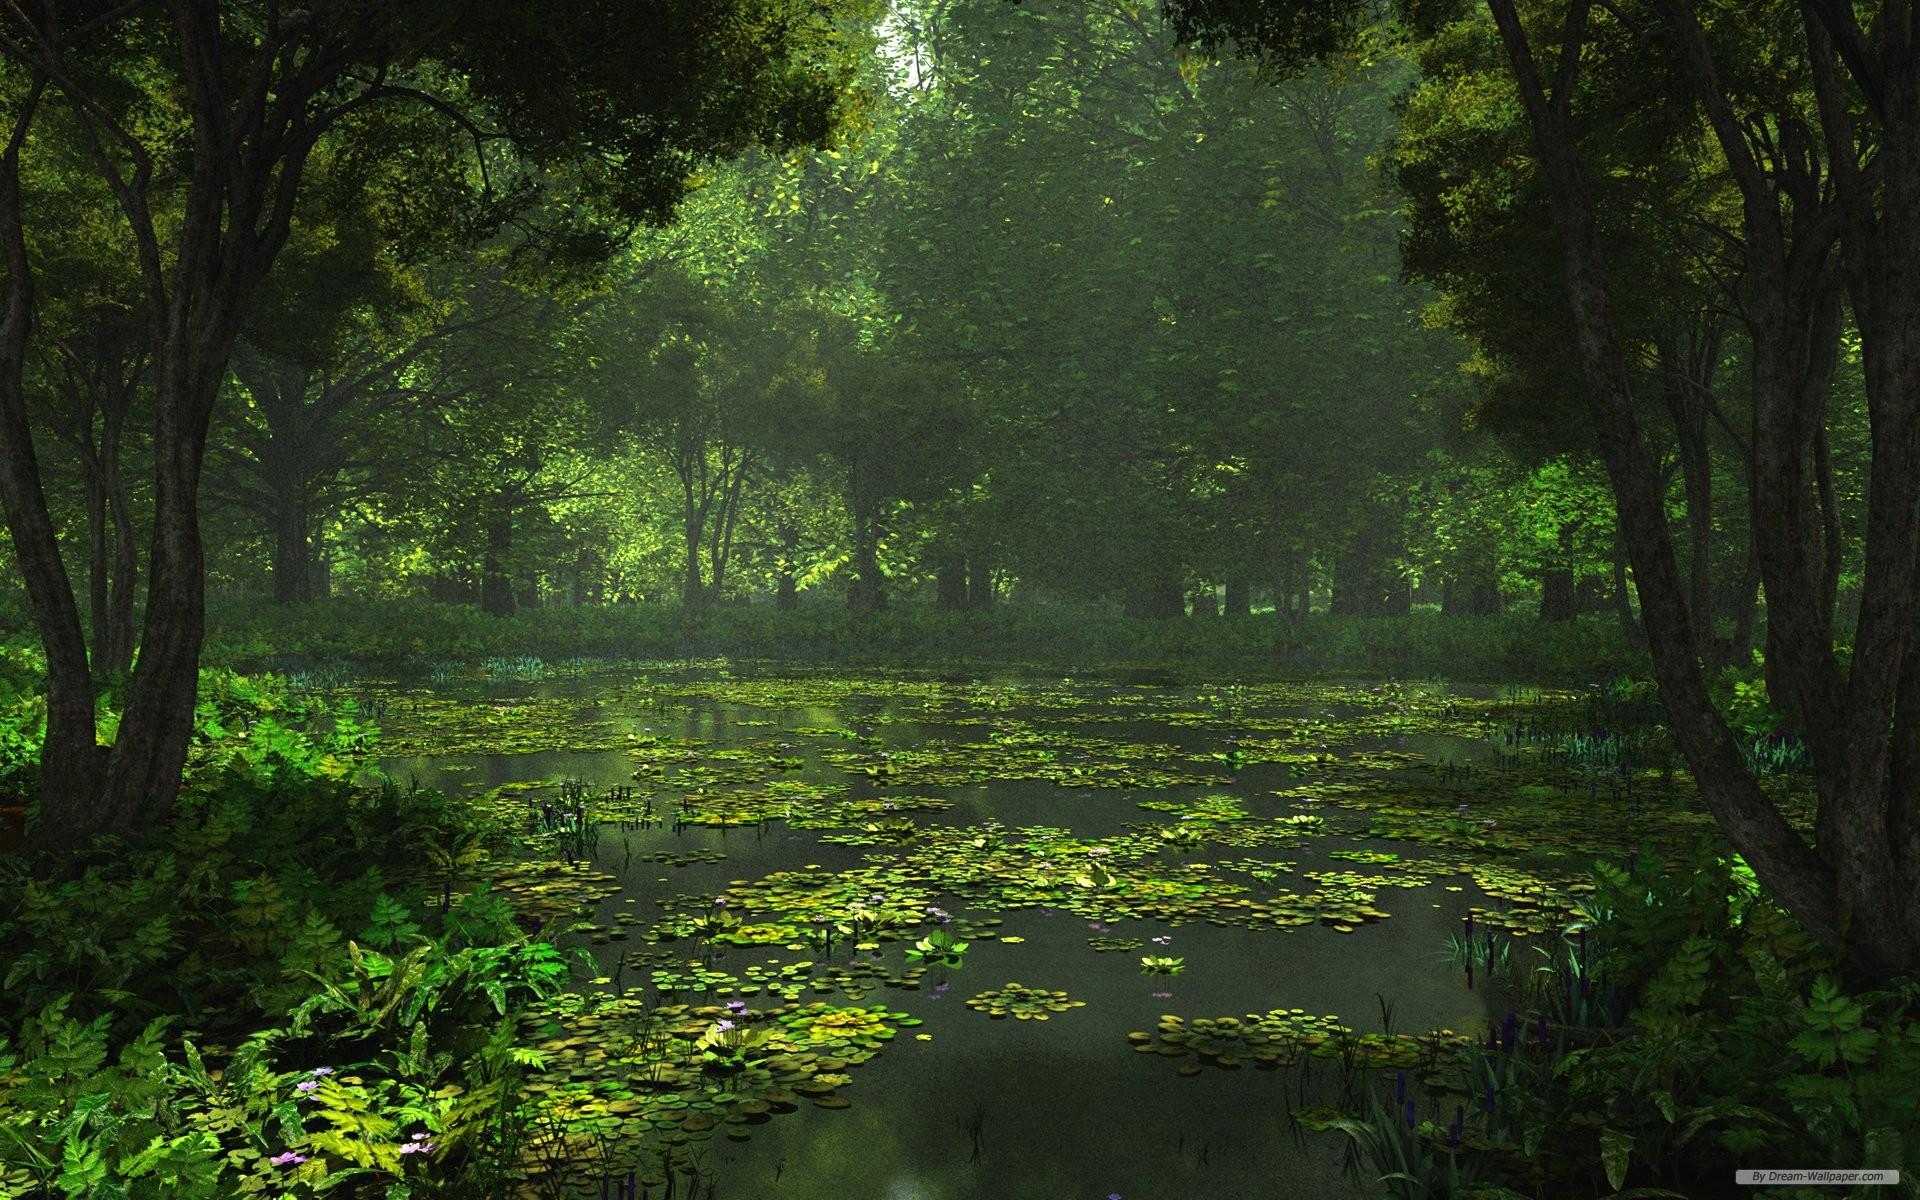 landscape wallpaper 1 - photo #7